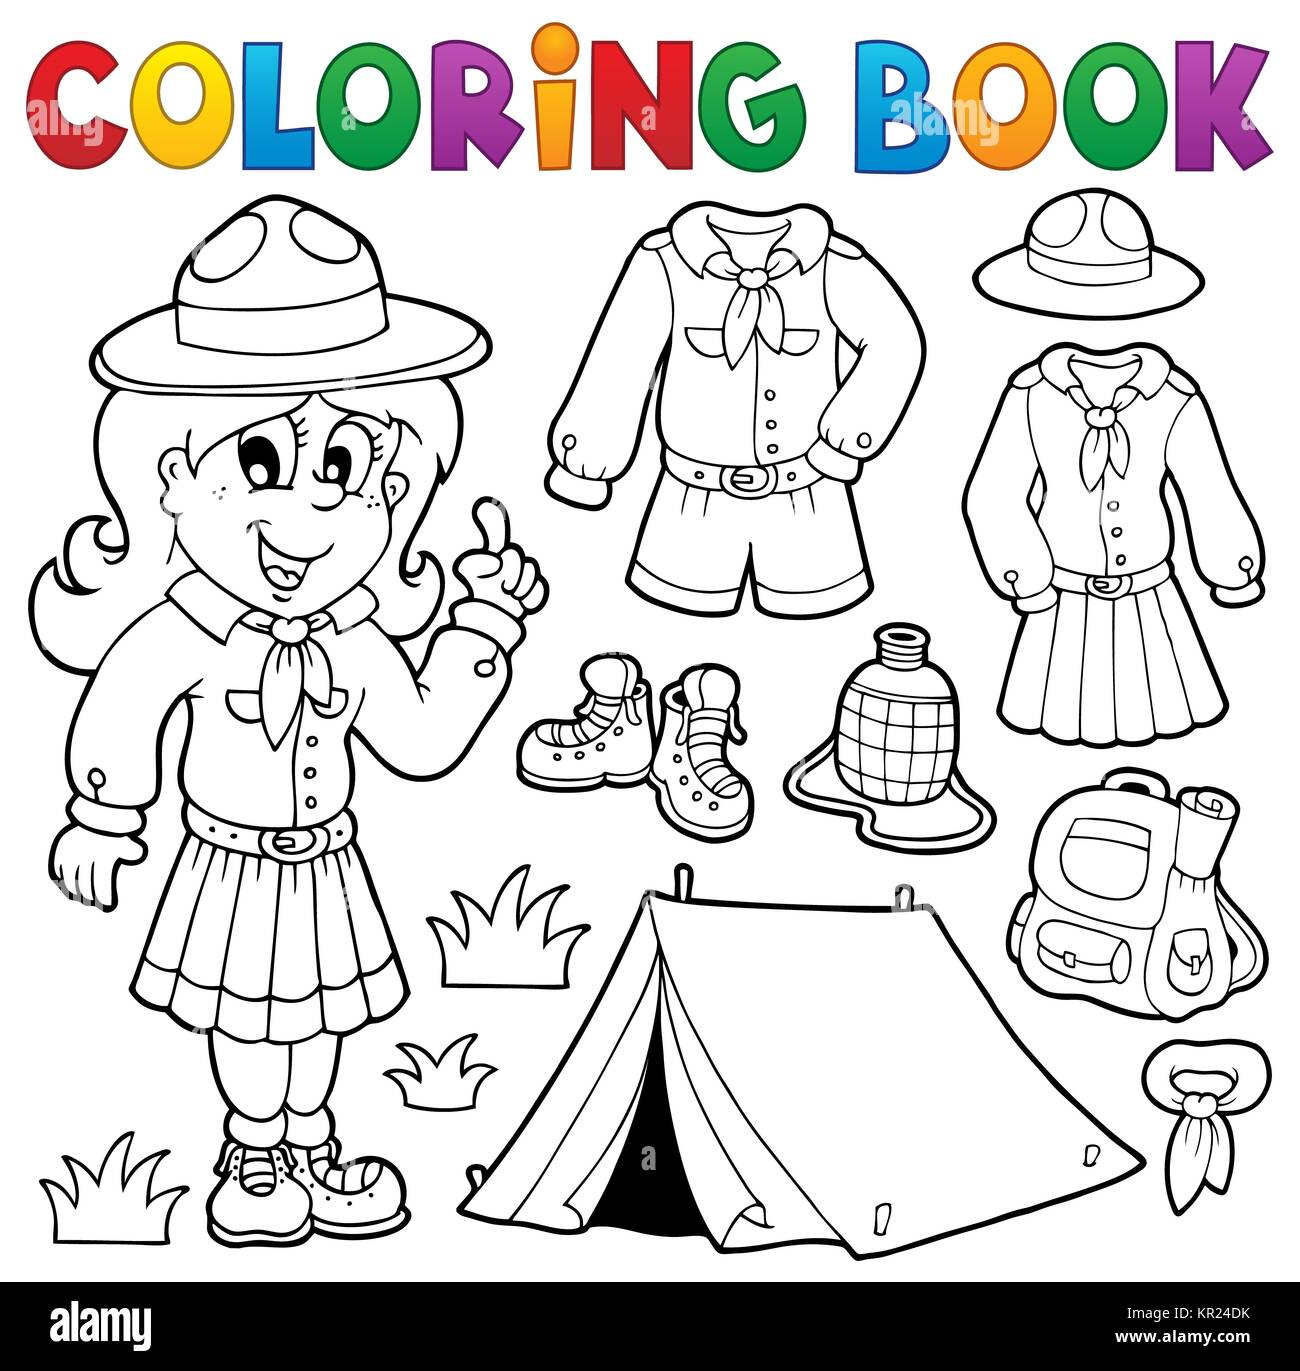 Scout Hat Imágenes De Stock & Scout Hat Fotos De Stock - Página 3 ...